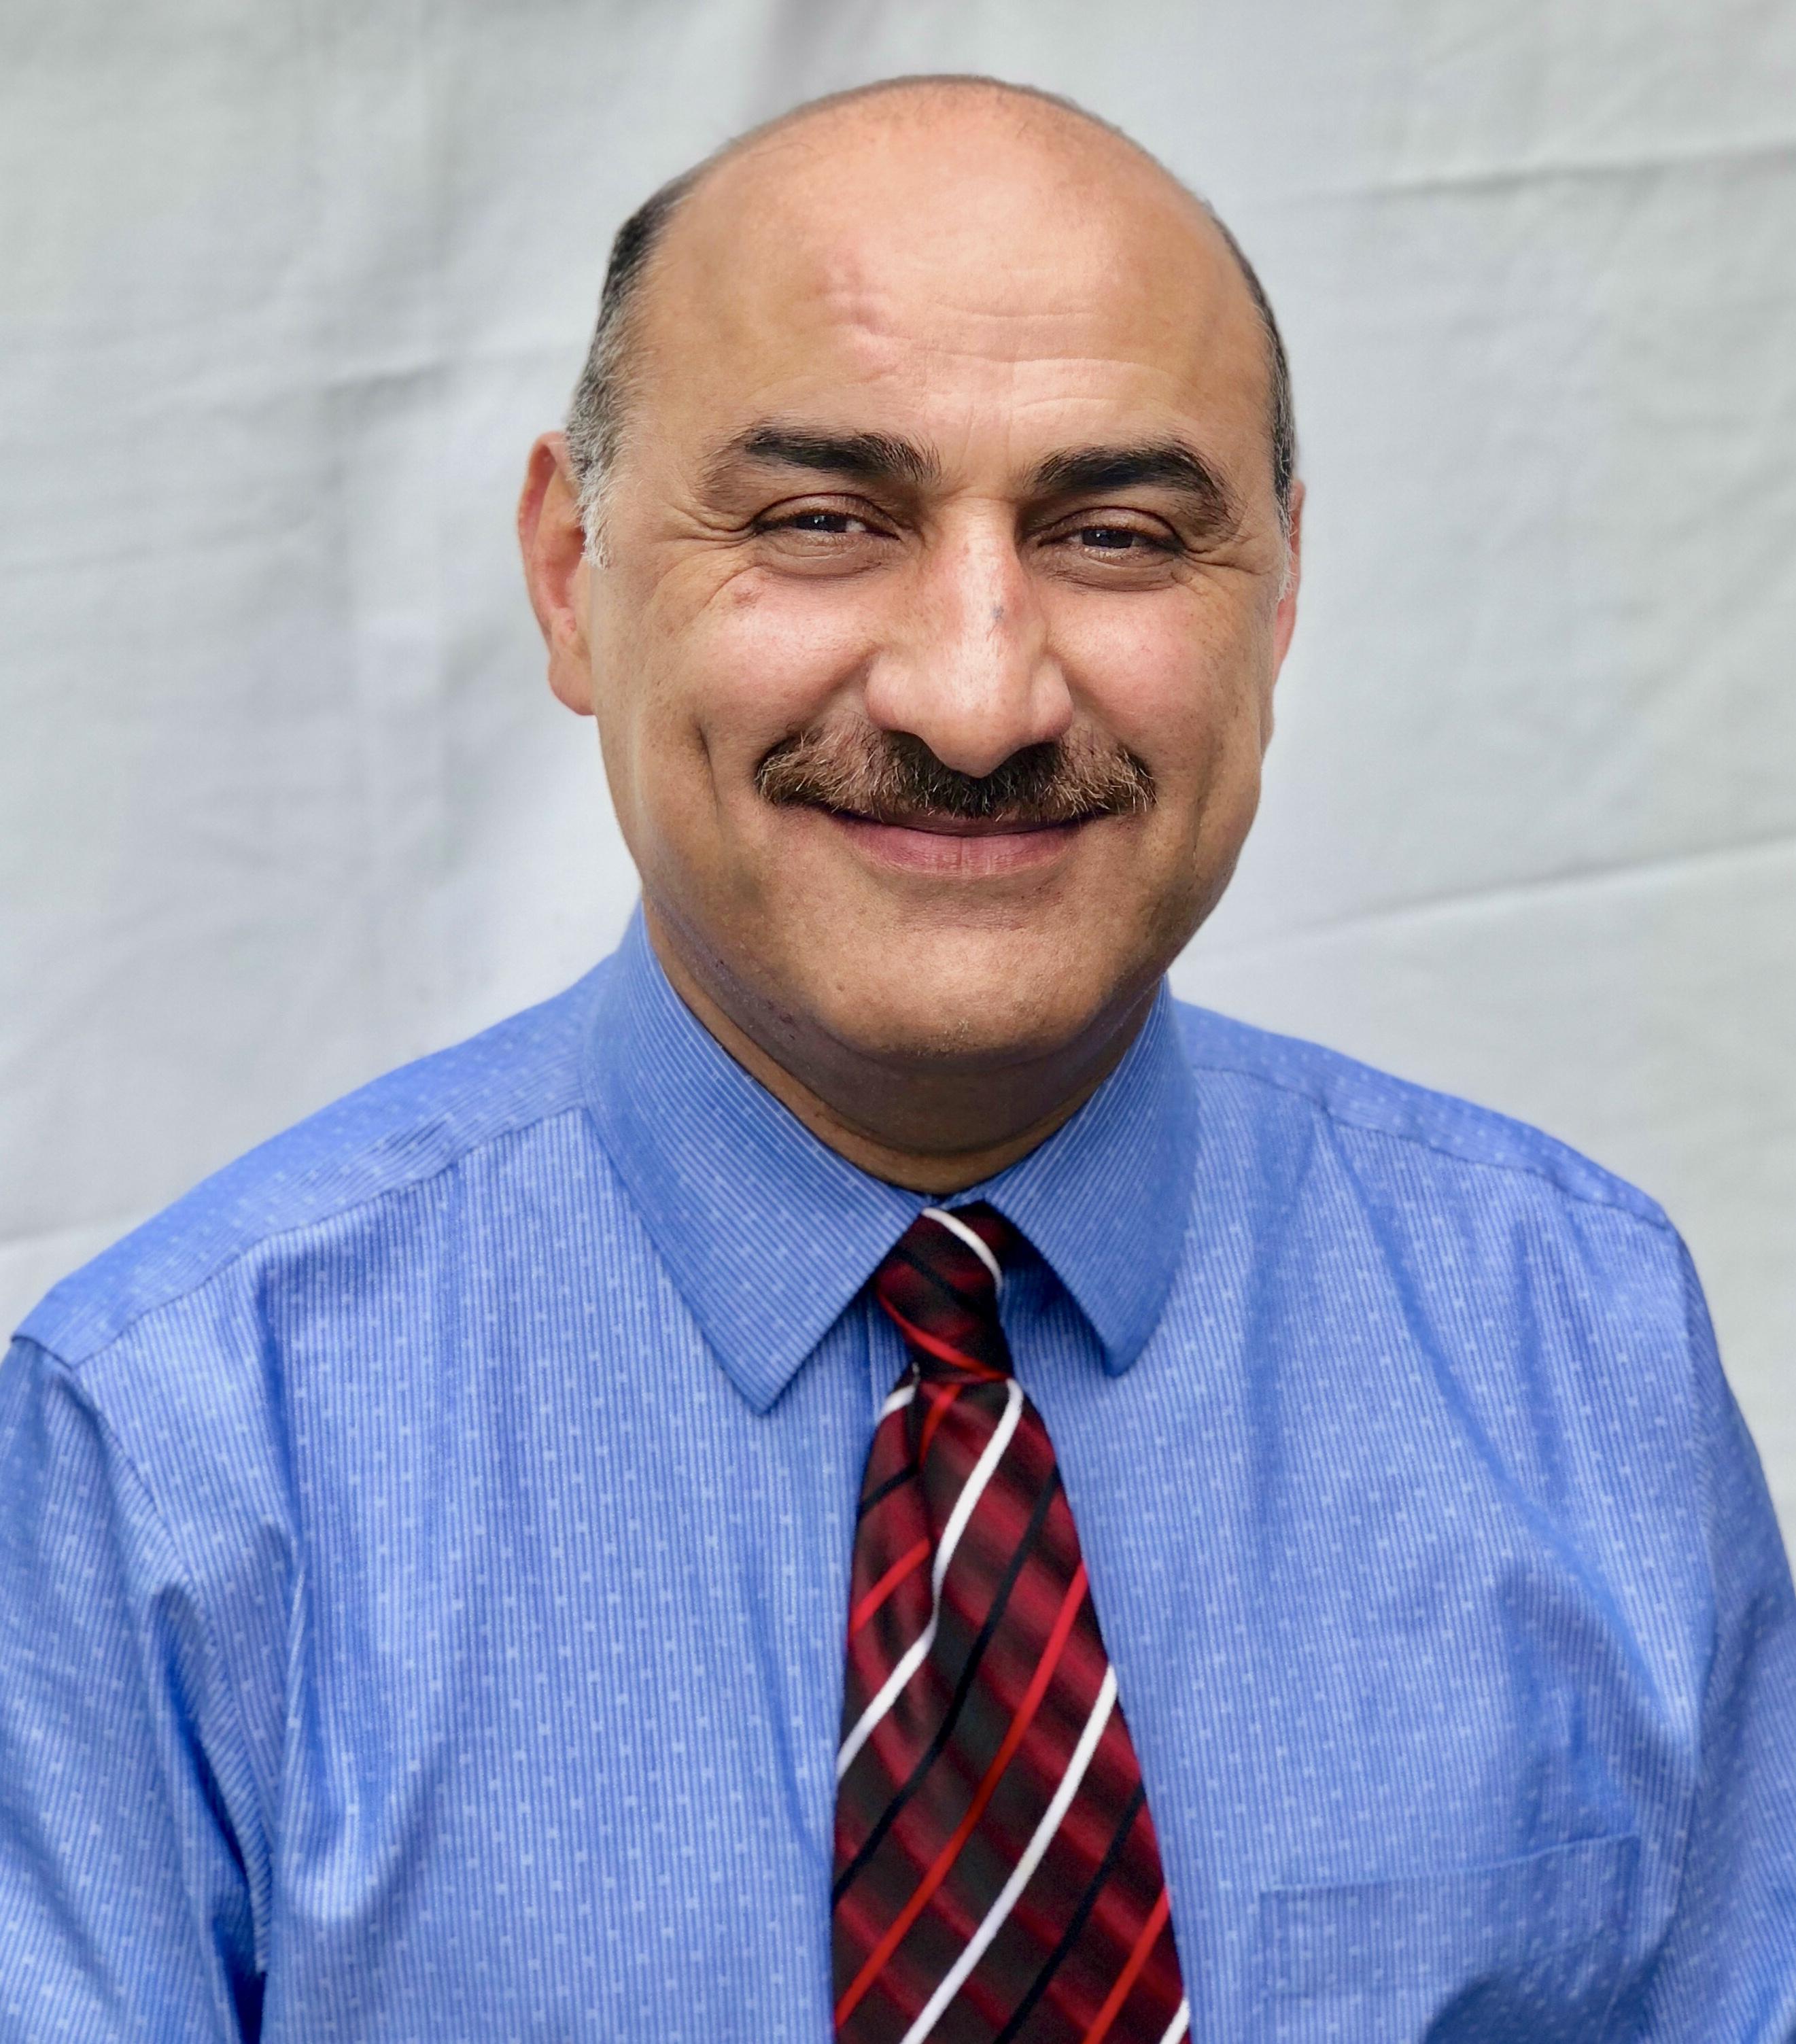 Majid Doroudi